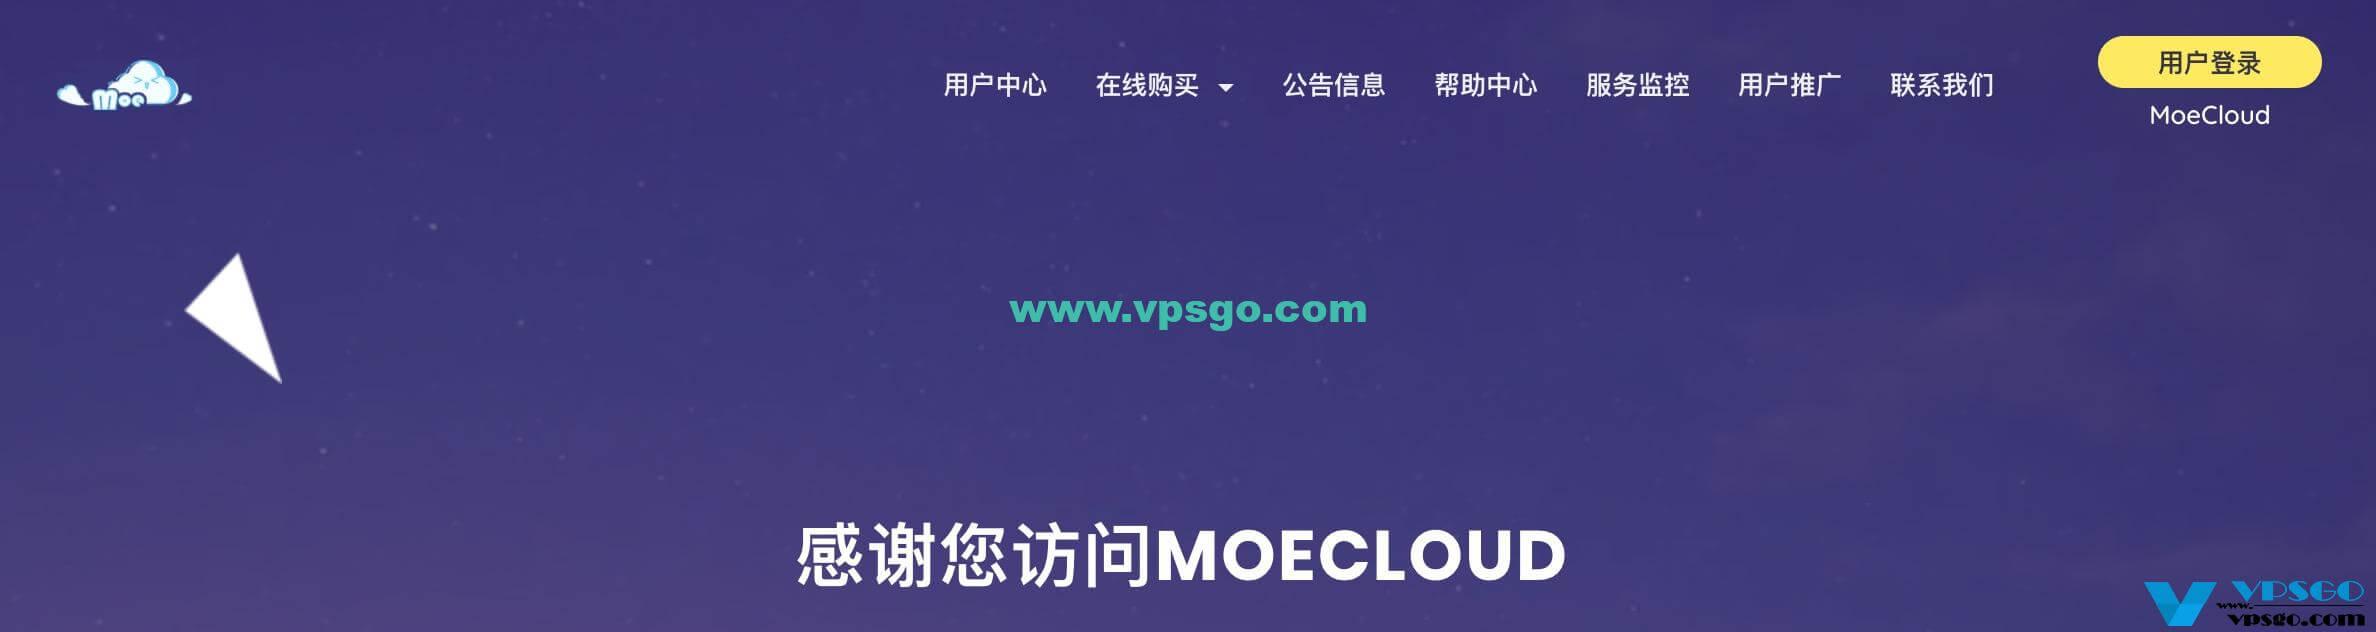 MoeCloud